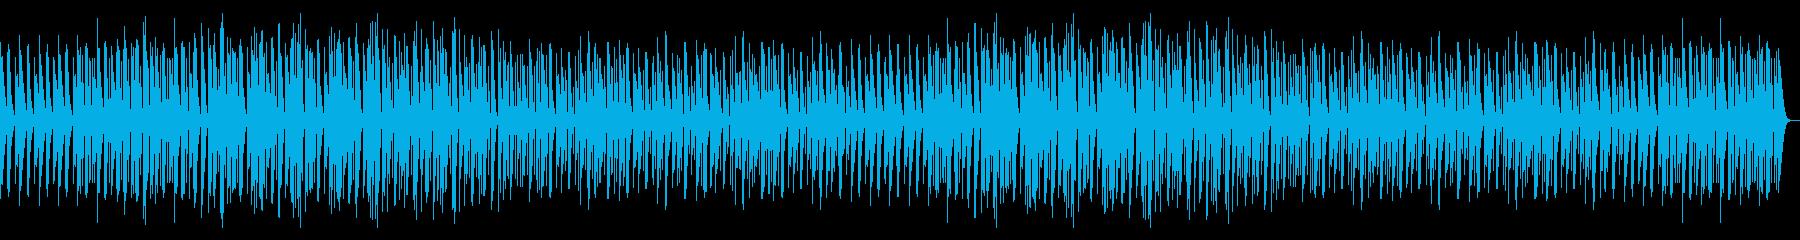 楽しいマリンバのBGMの再生済みの波形